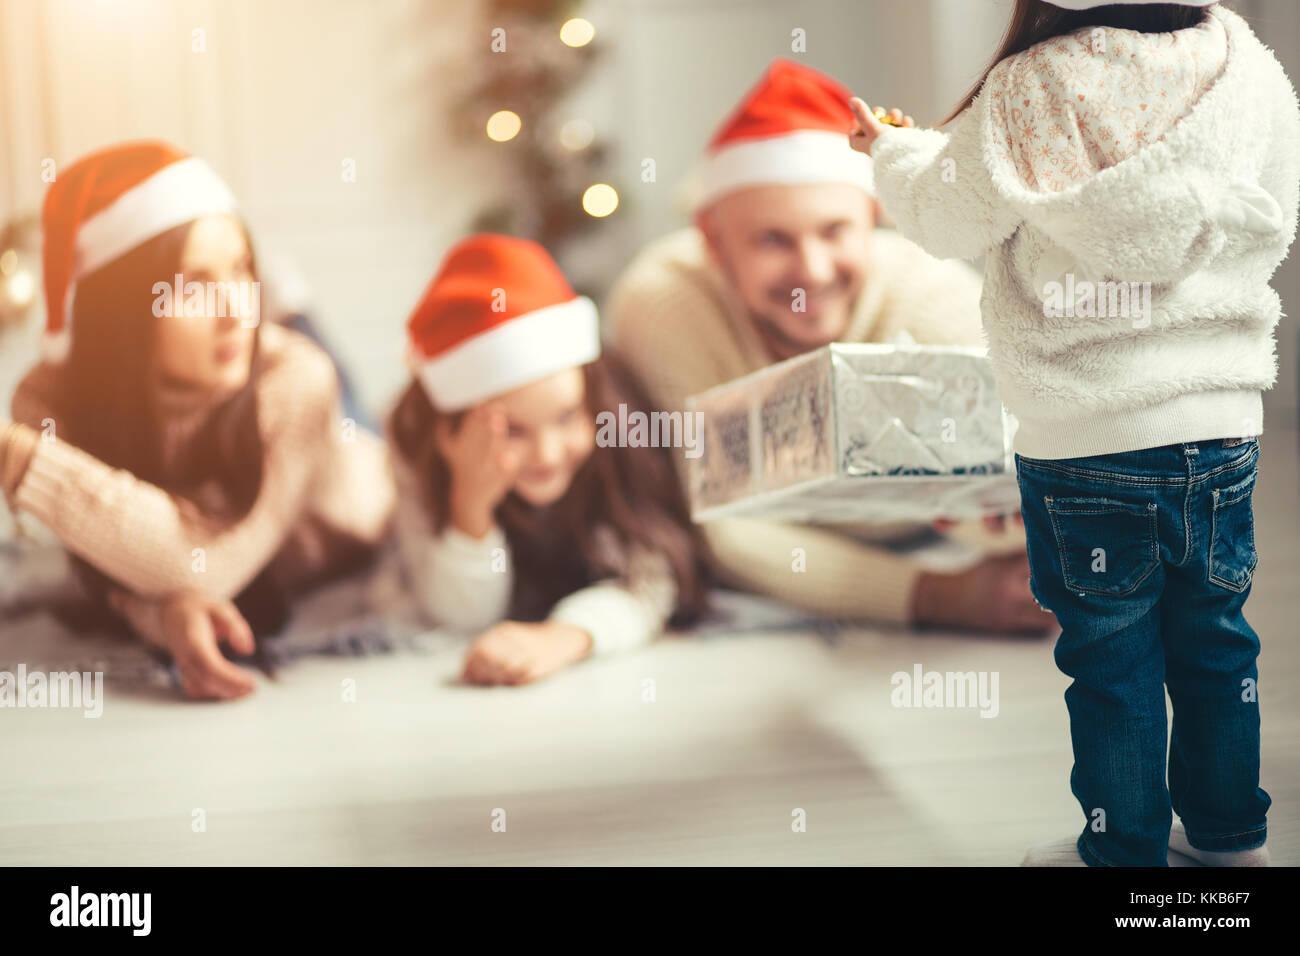 Geschenke Für Eltern Zu Weihnachten.Kind Bittet Um Ein Geschenk Der Eltern Für Weihnachten Stockfoto